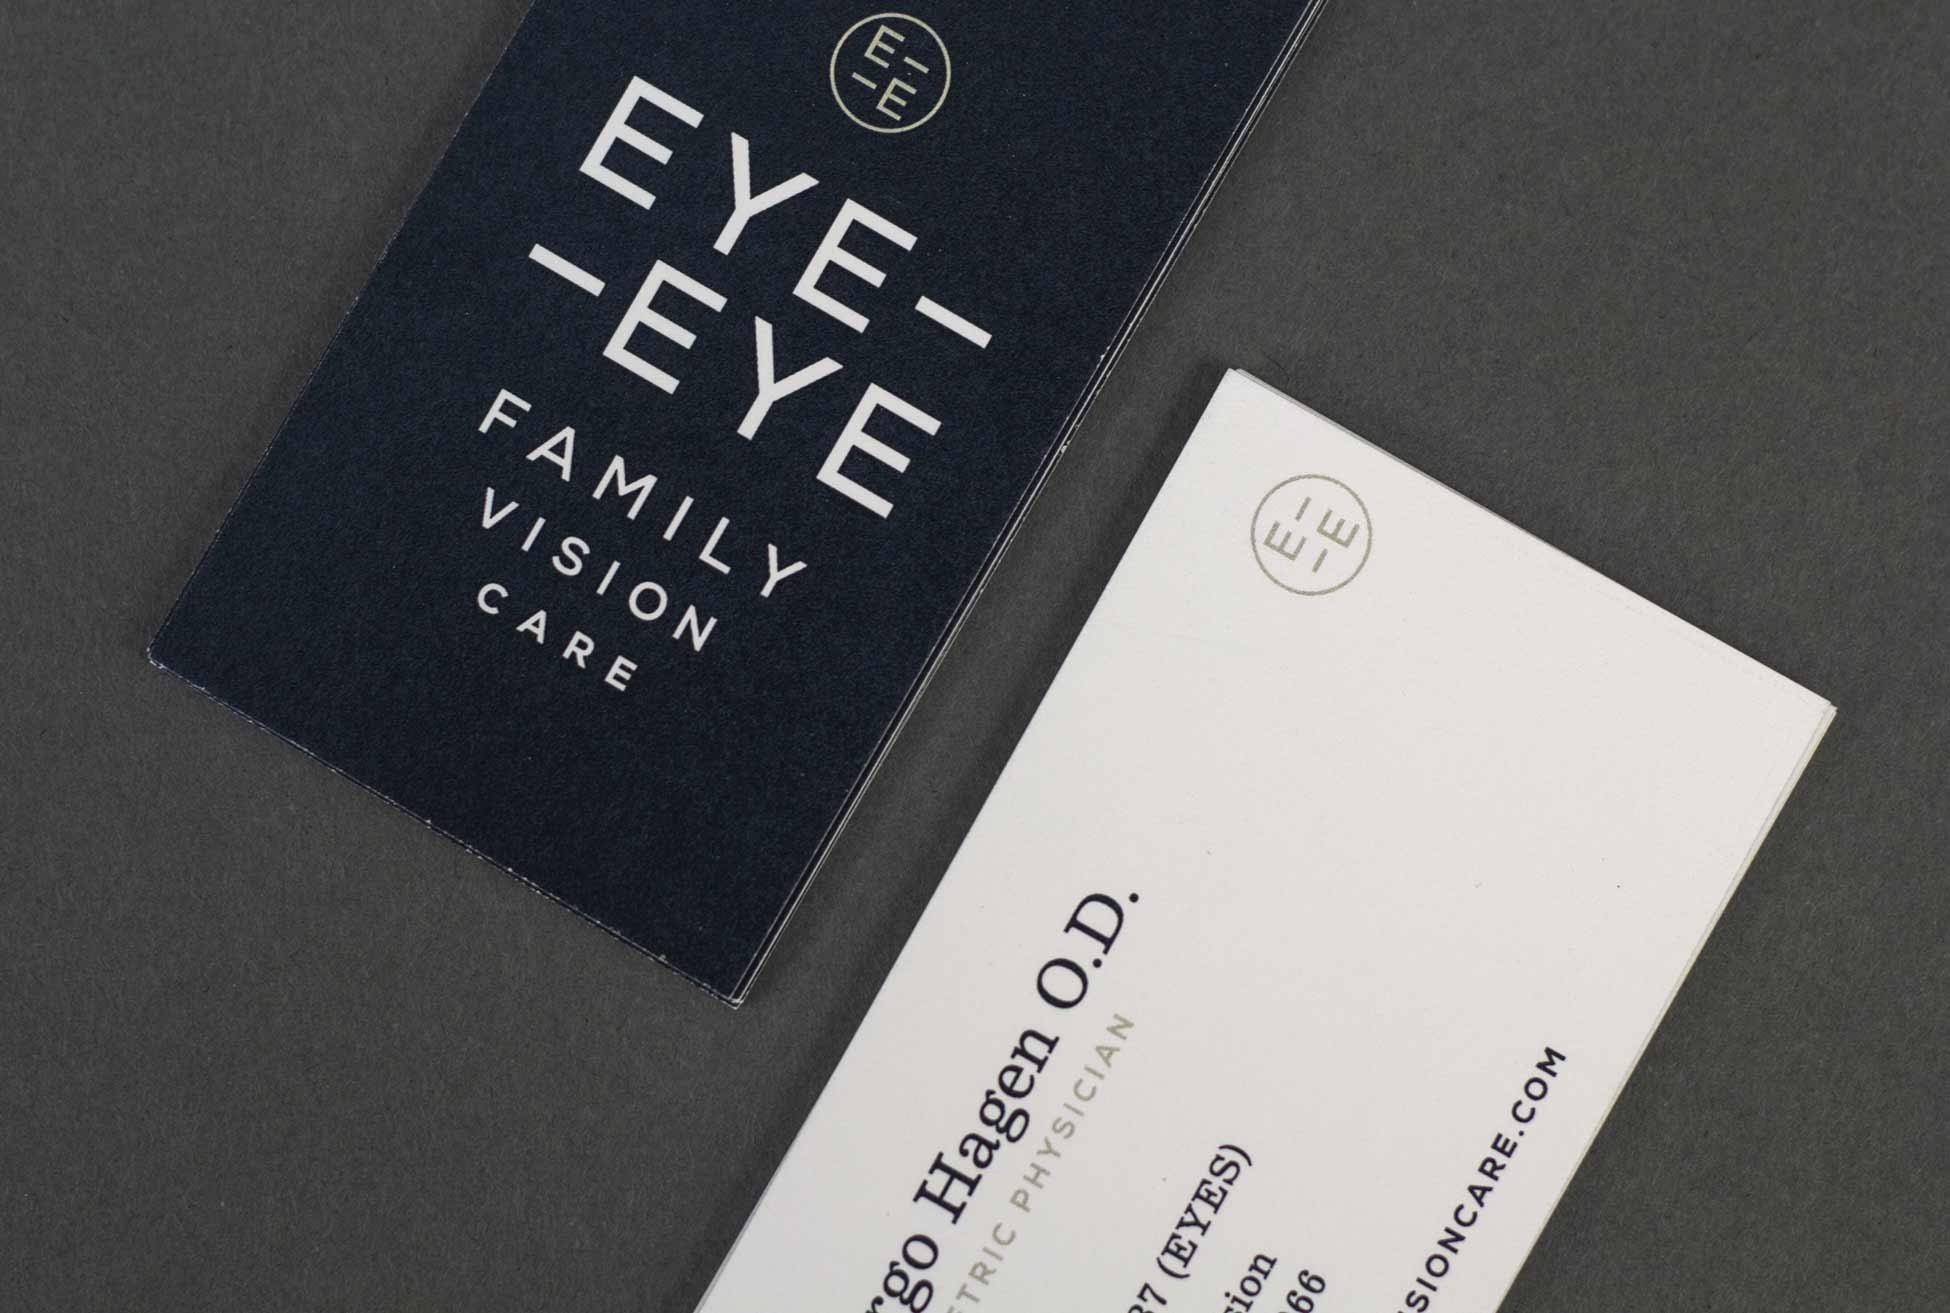 eyetoeye_business-card-2.jpg